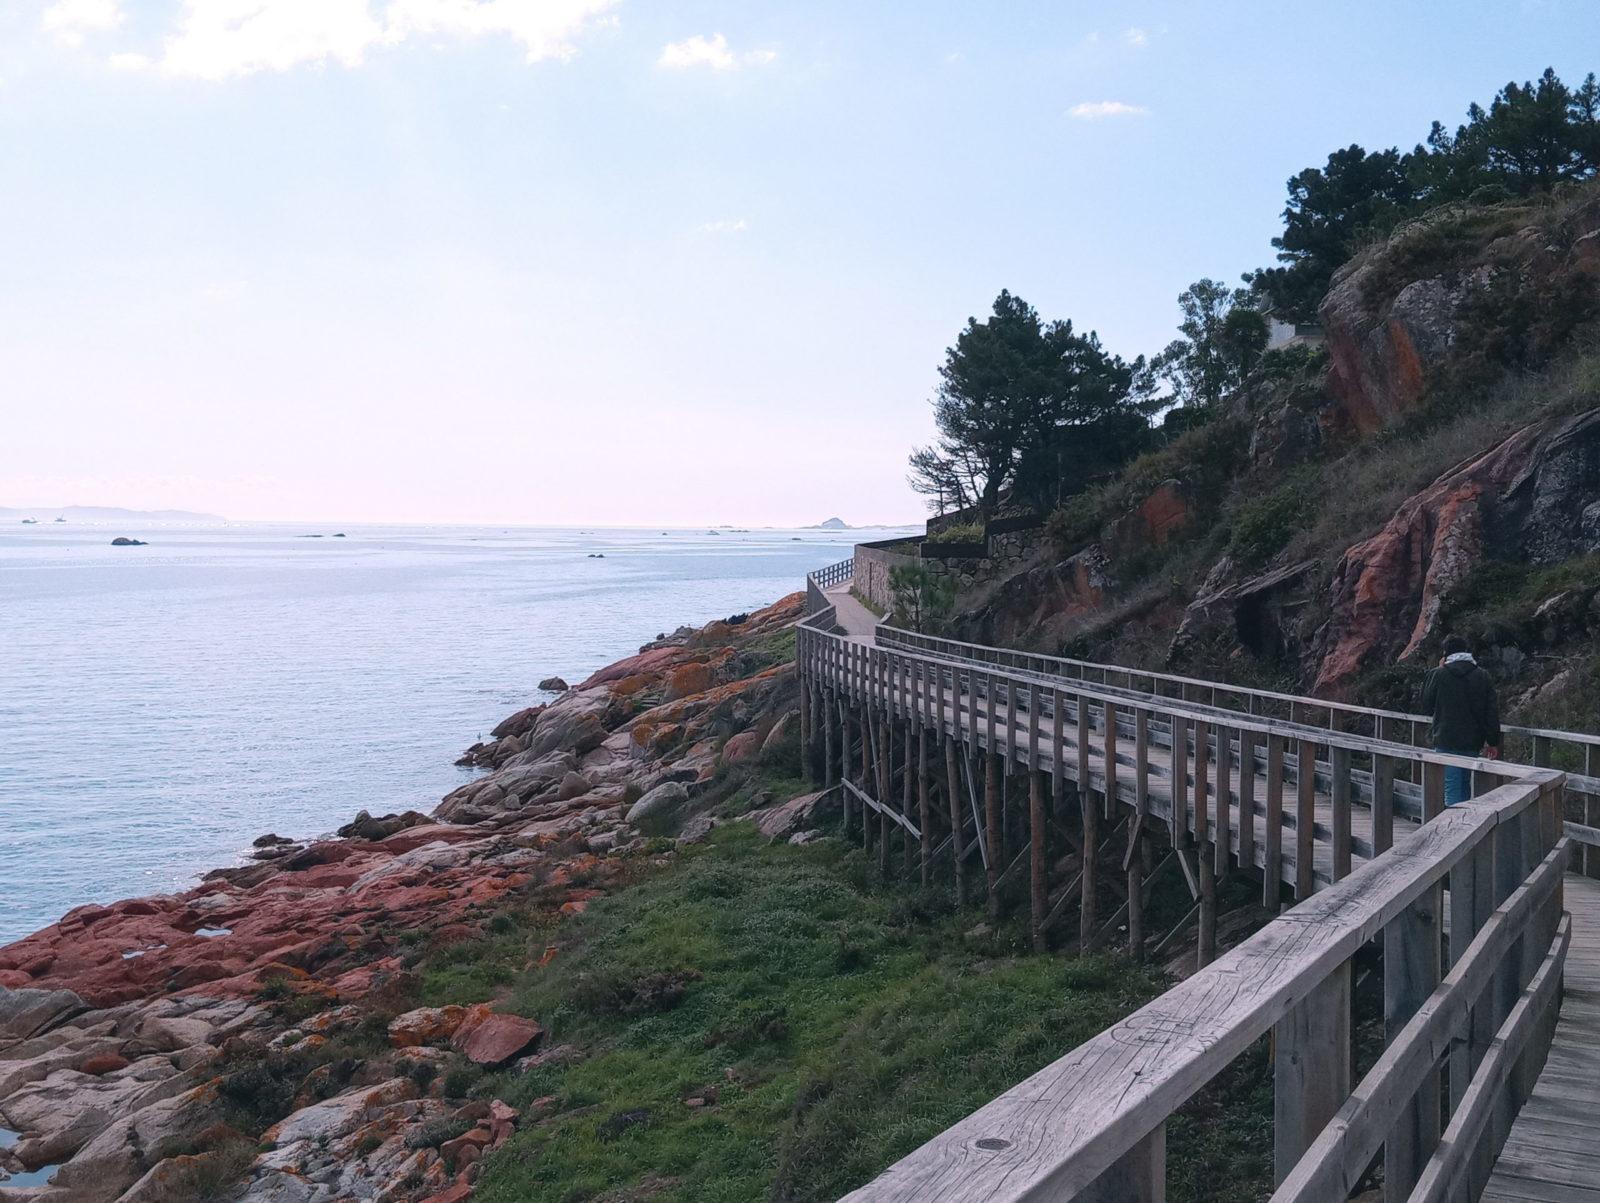 qué ver en Ribeira paseo madera area Ameixeira